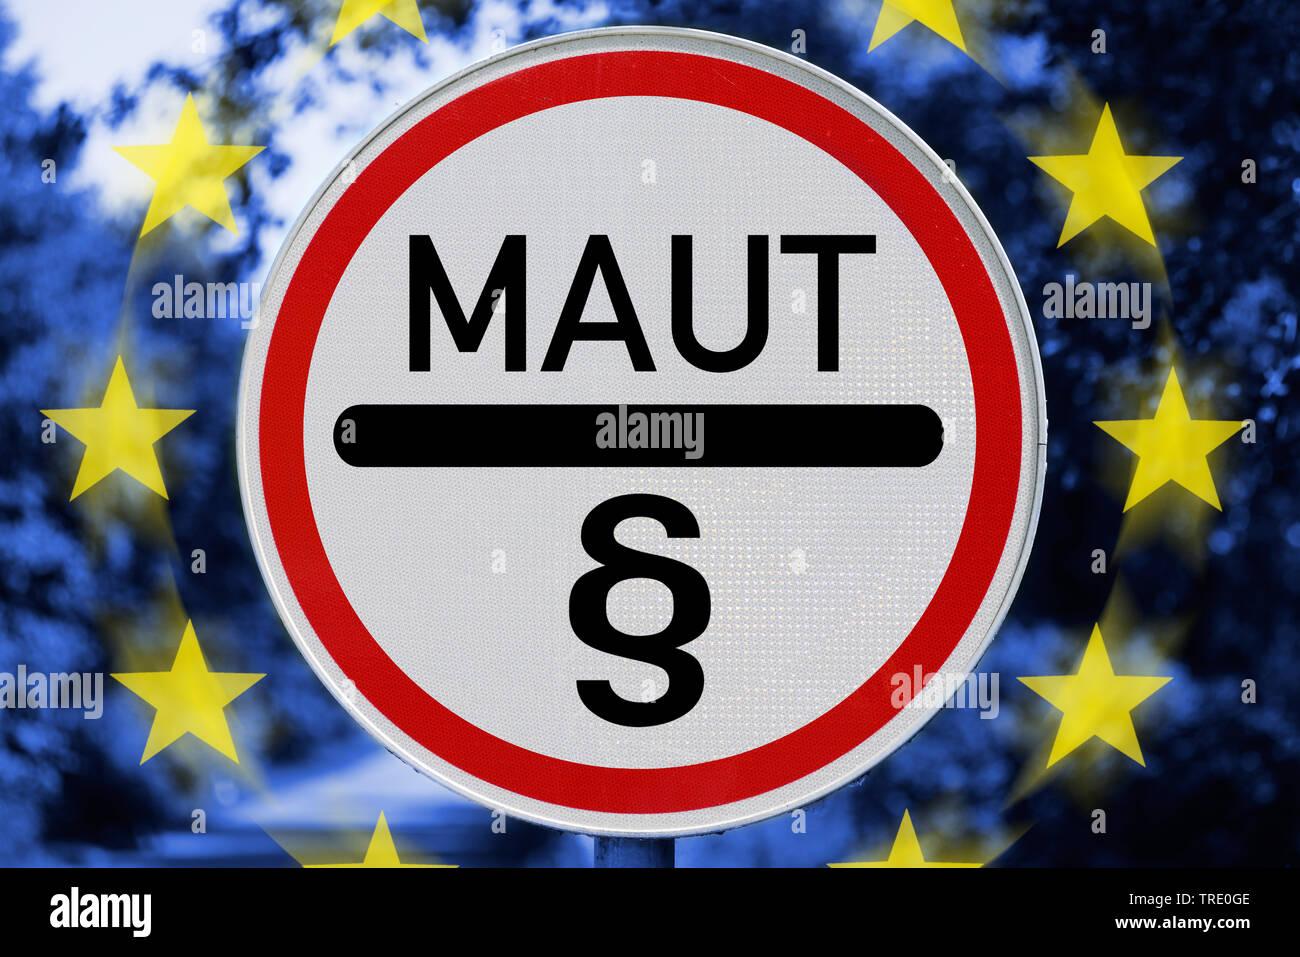 Verbotsschild MAUT (Deutsche Maut-Gebuehr) vor einer Europaflagge , Deutschland | Prohibition sign MAUT (German road toll) in front of a European Flag - Stock Image